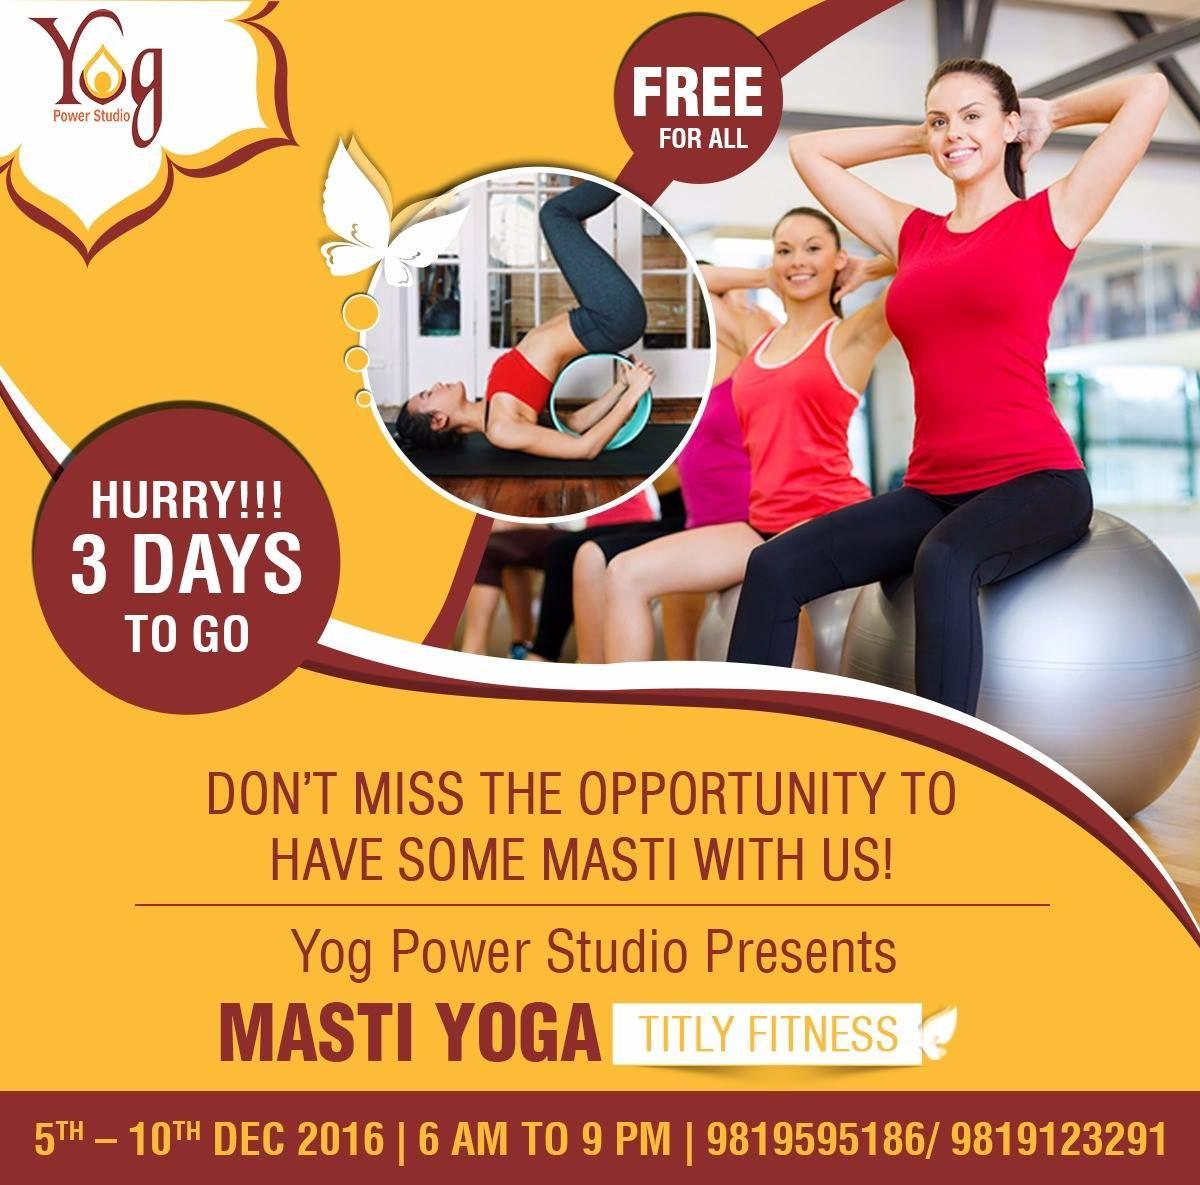 Pin by Yog Power Studio on Yog Power Studio Yoga, Free